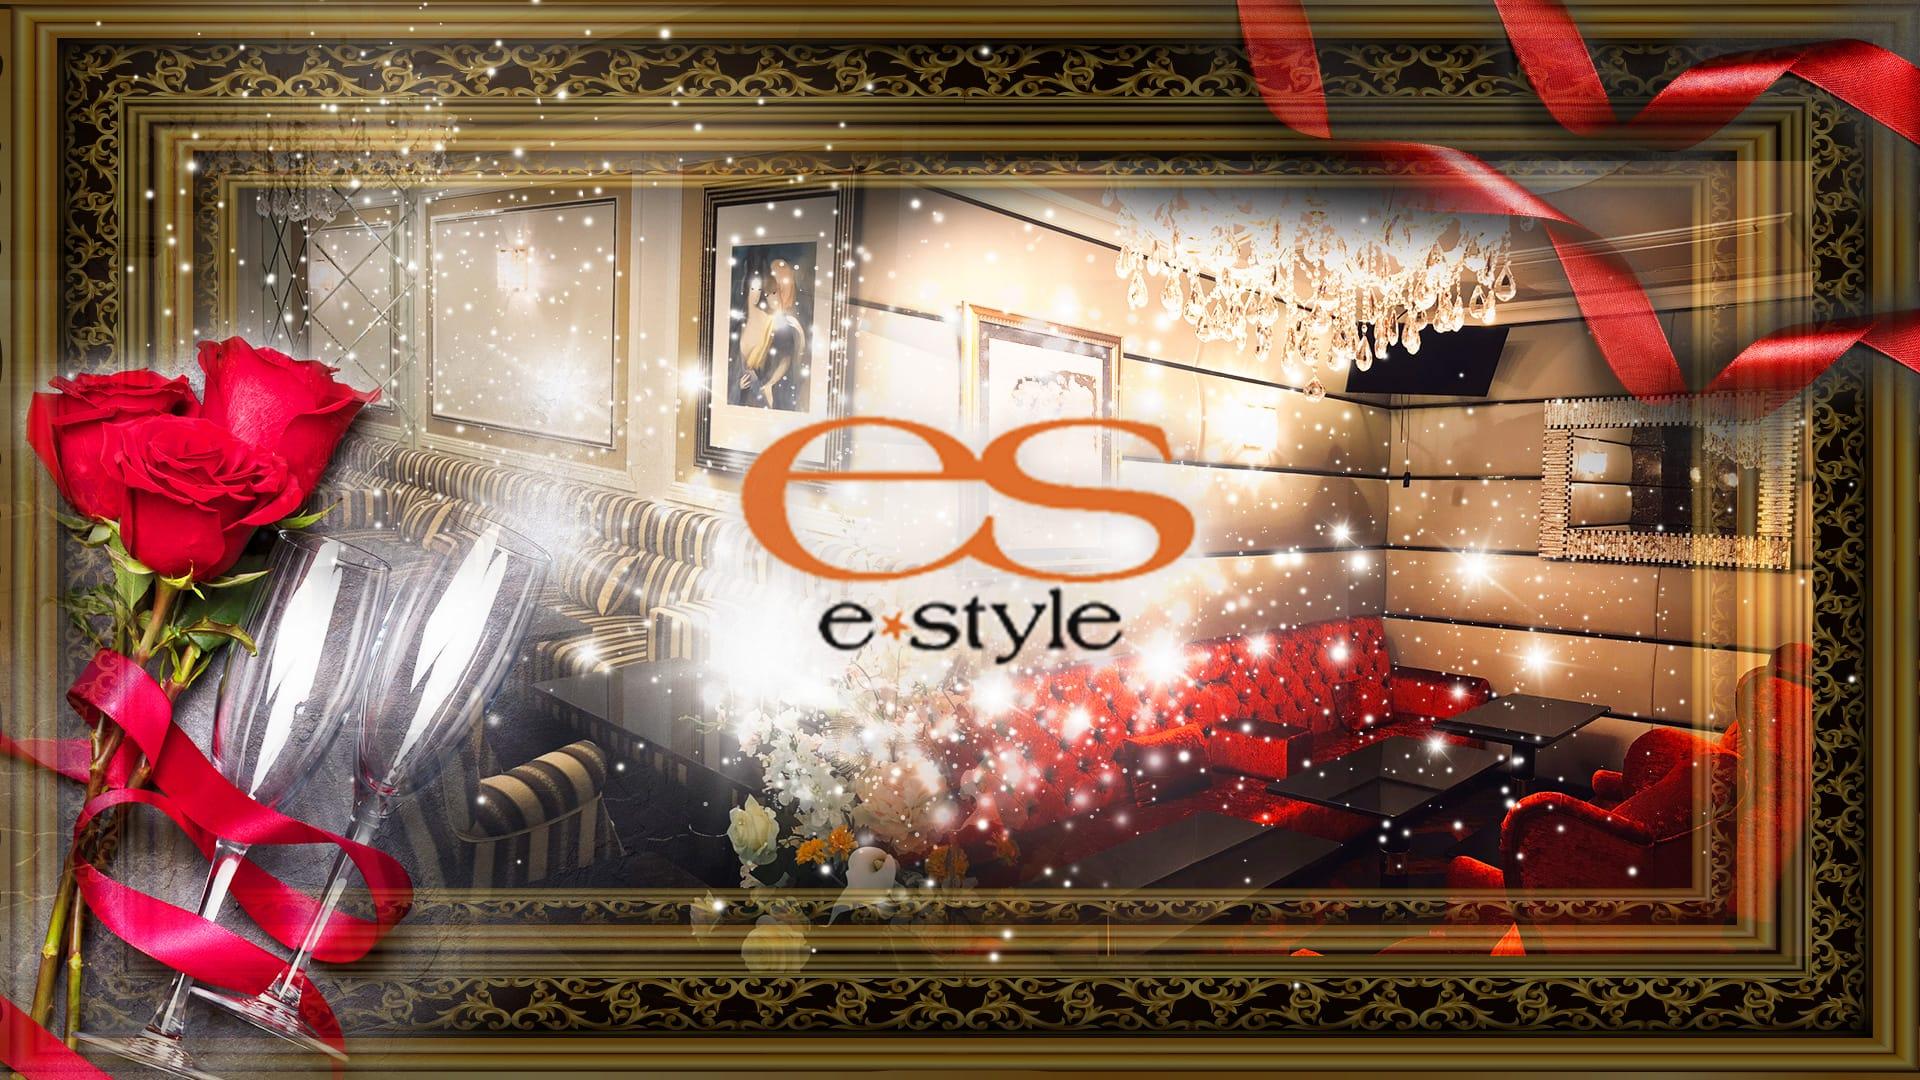 e-style(イースタイル) 渋谷キャバクラ TOP画像